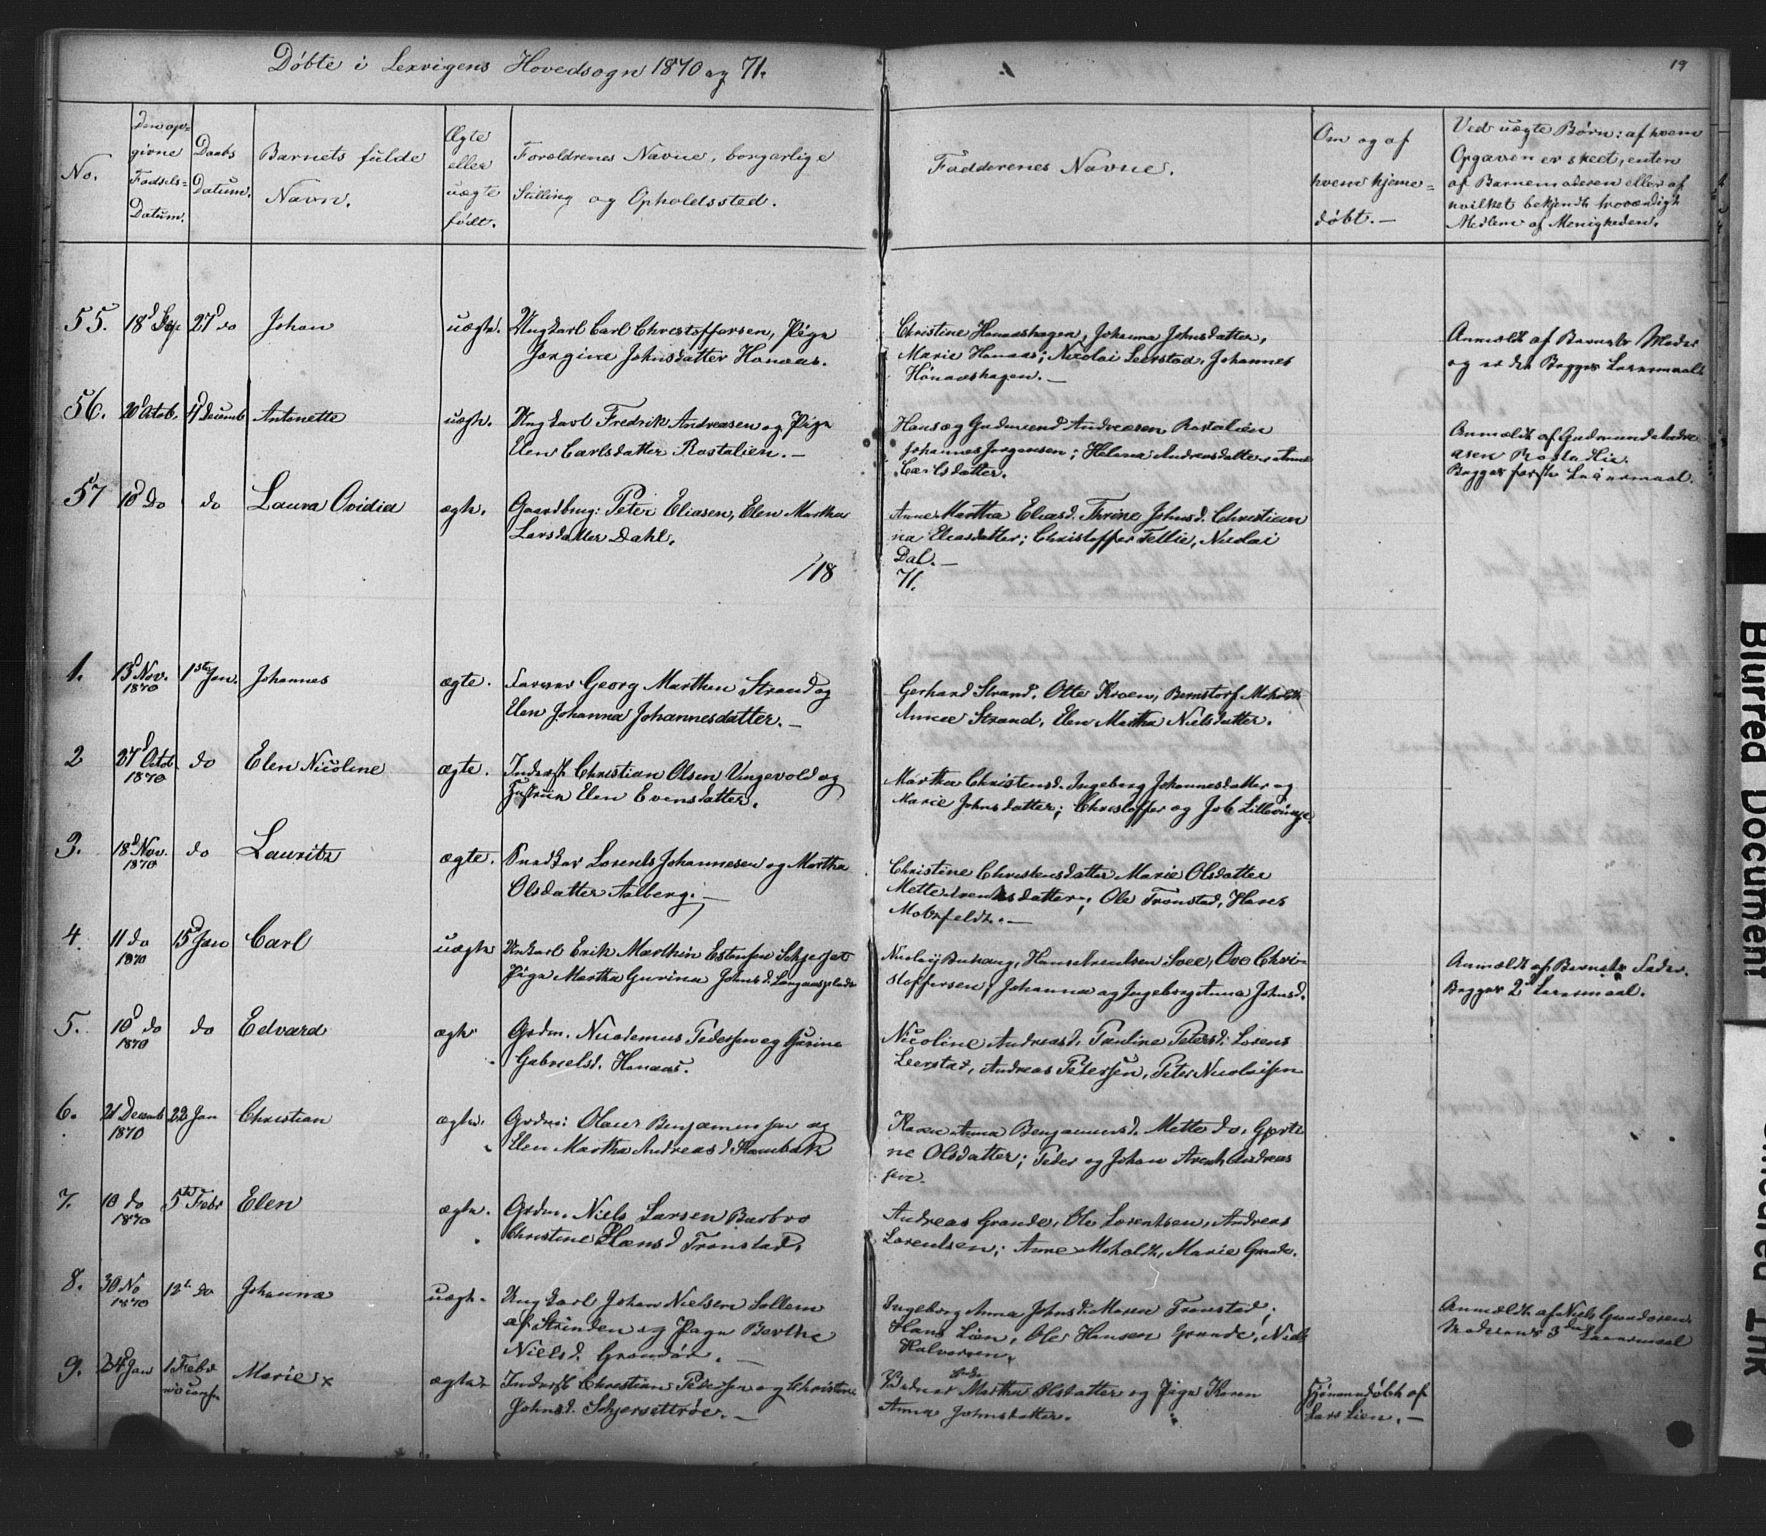 SAT, Ministerialprotokoller, klokkerbøker og fødselsregistre - Nord-Trøndelag, 701/L0018: Klokkerbok nr. 701C02, 1868-1872, s. 19